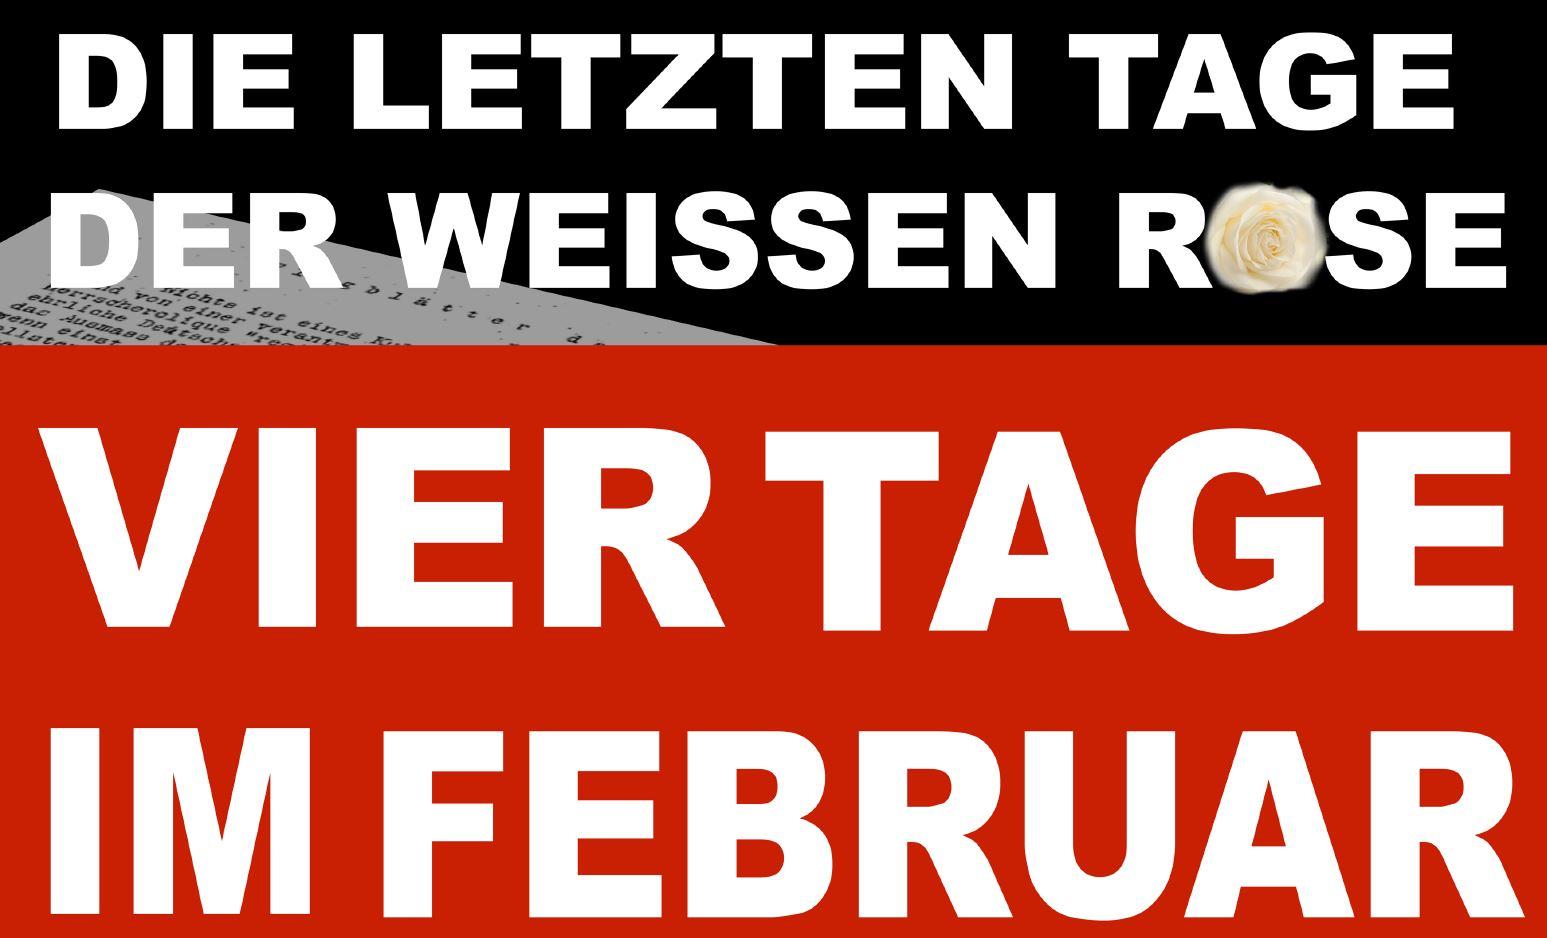 Vier Tage im Februar - Die letzten Tage der Weißen Rose